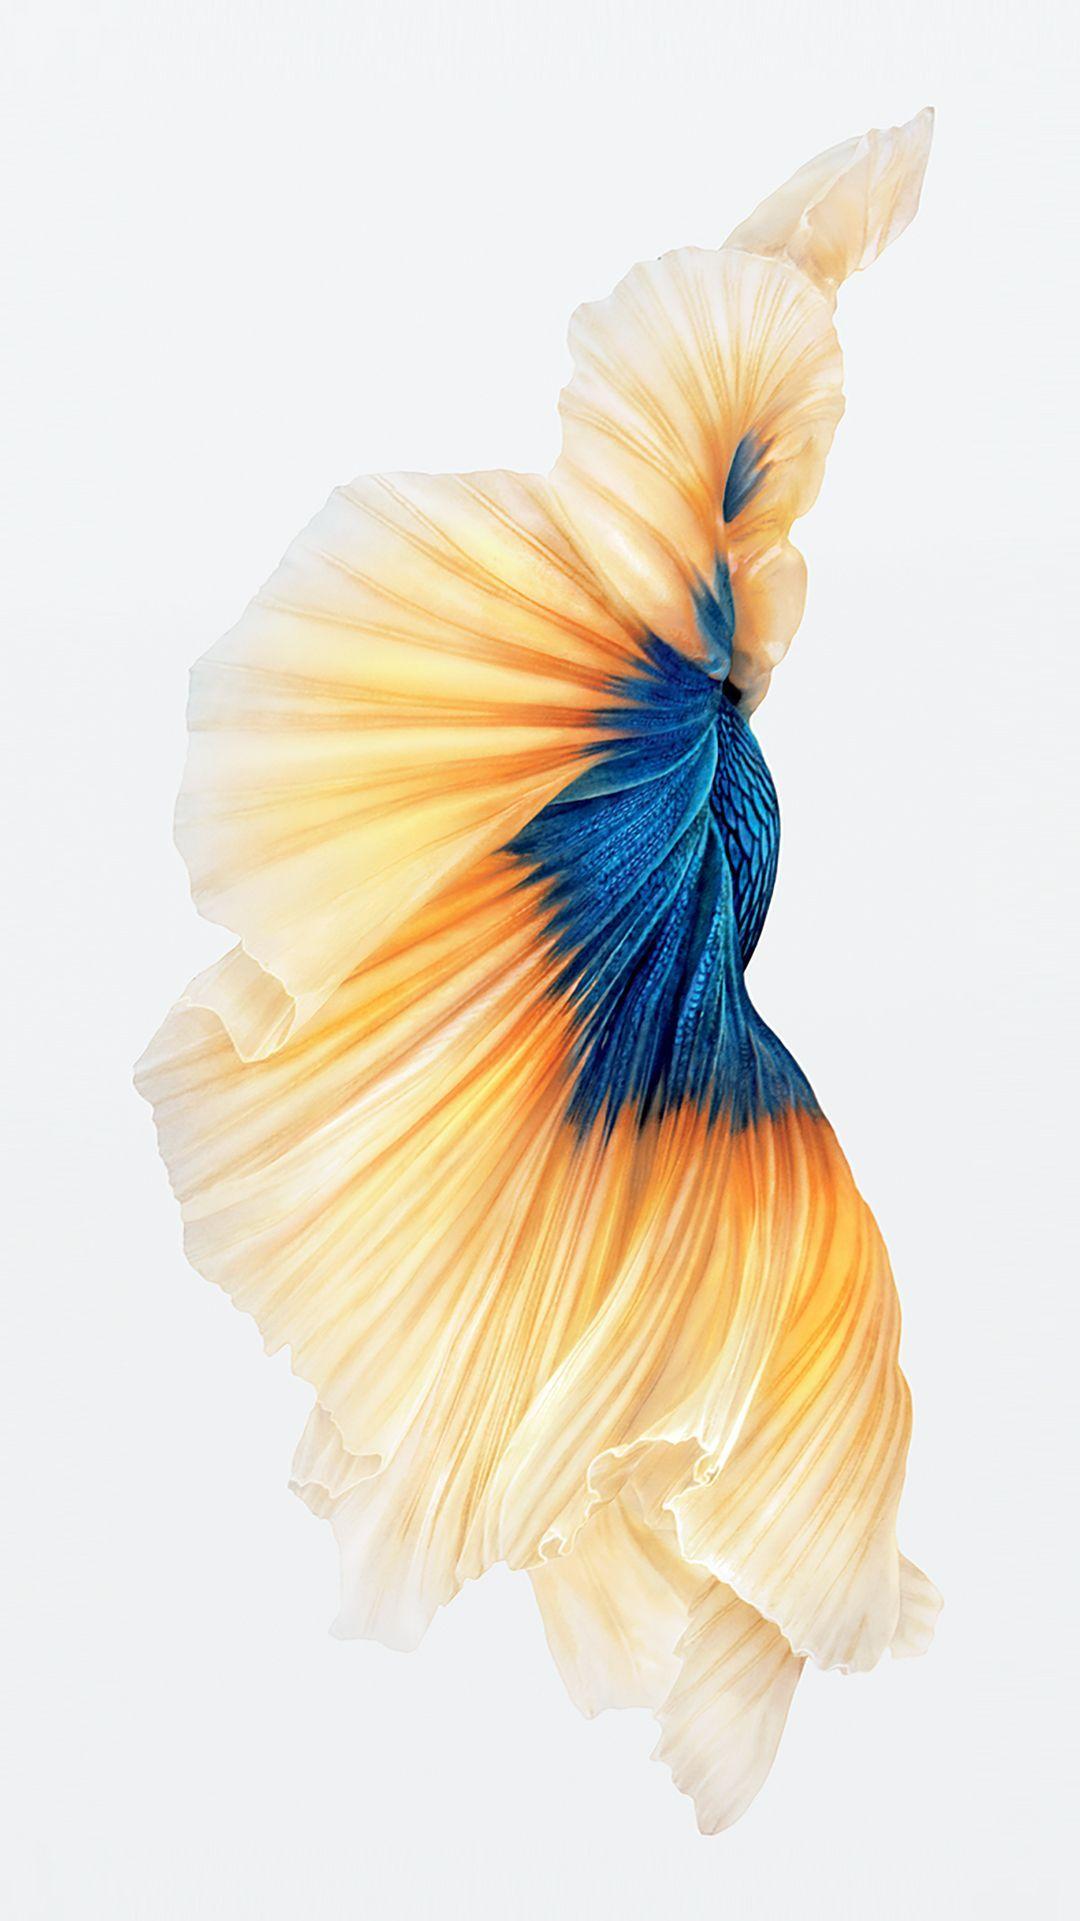 Iphone 6s Fish Gold Wallpaper Ios9 Fond D Ecran Telephone Fond D Or Fond D Ecran Iphone